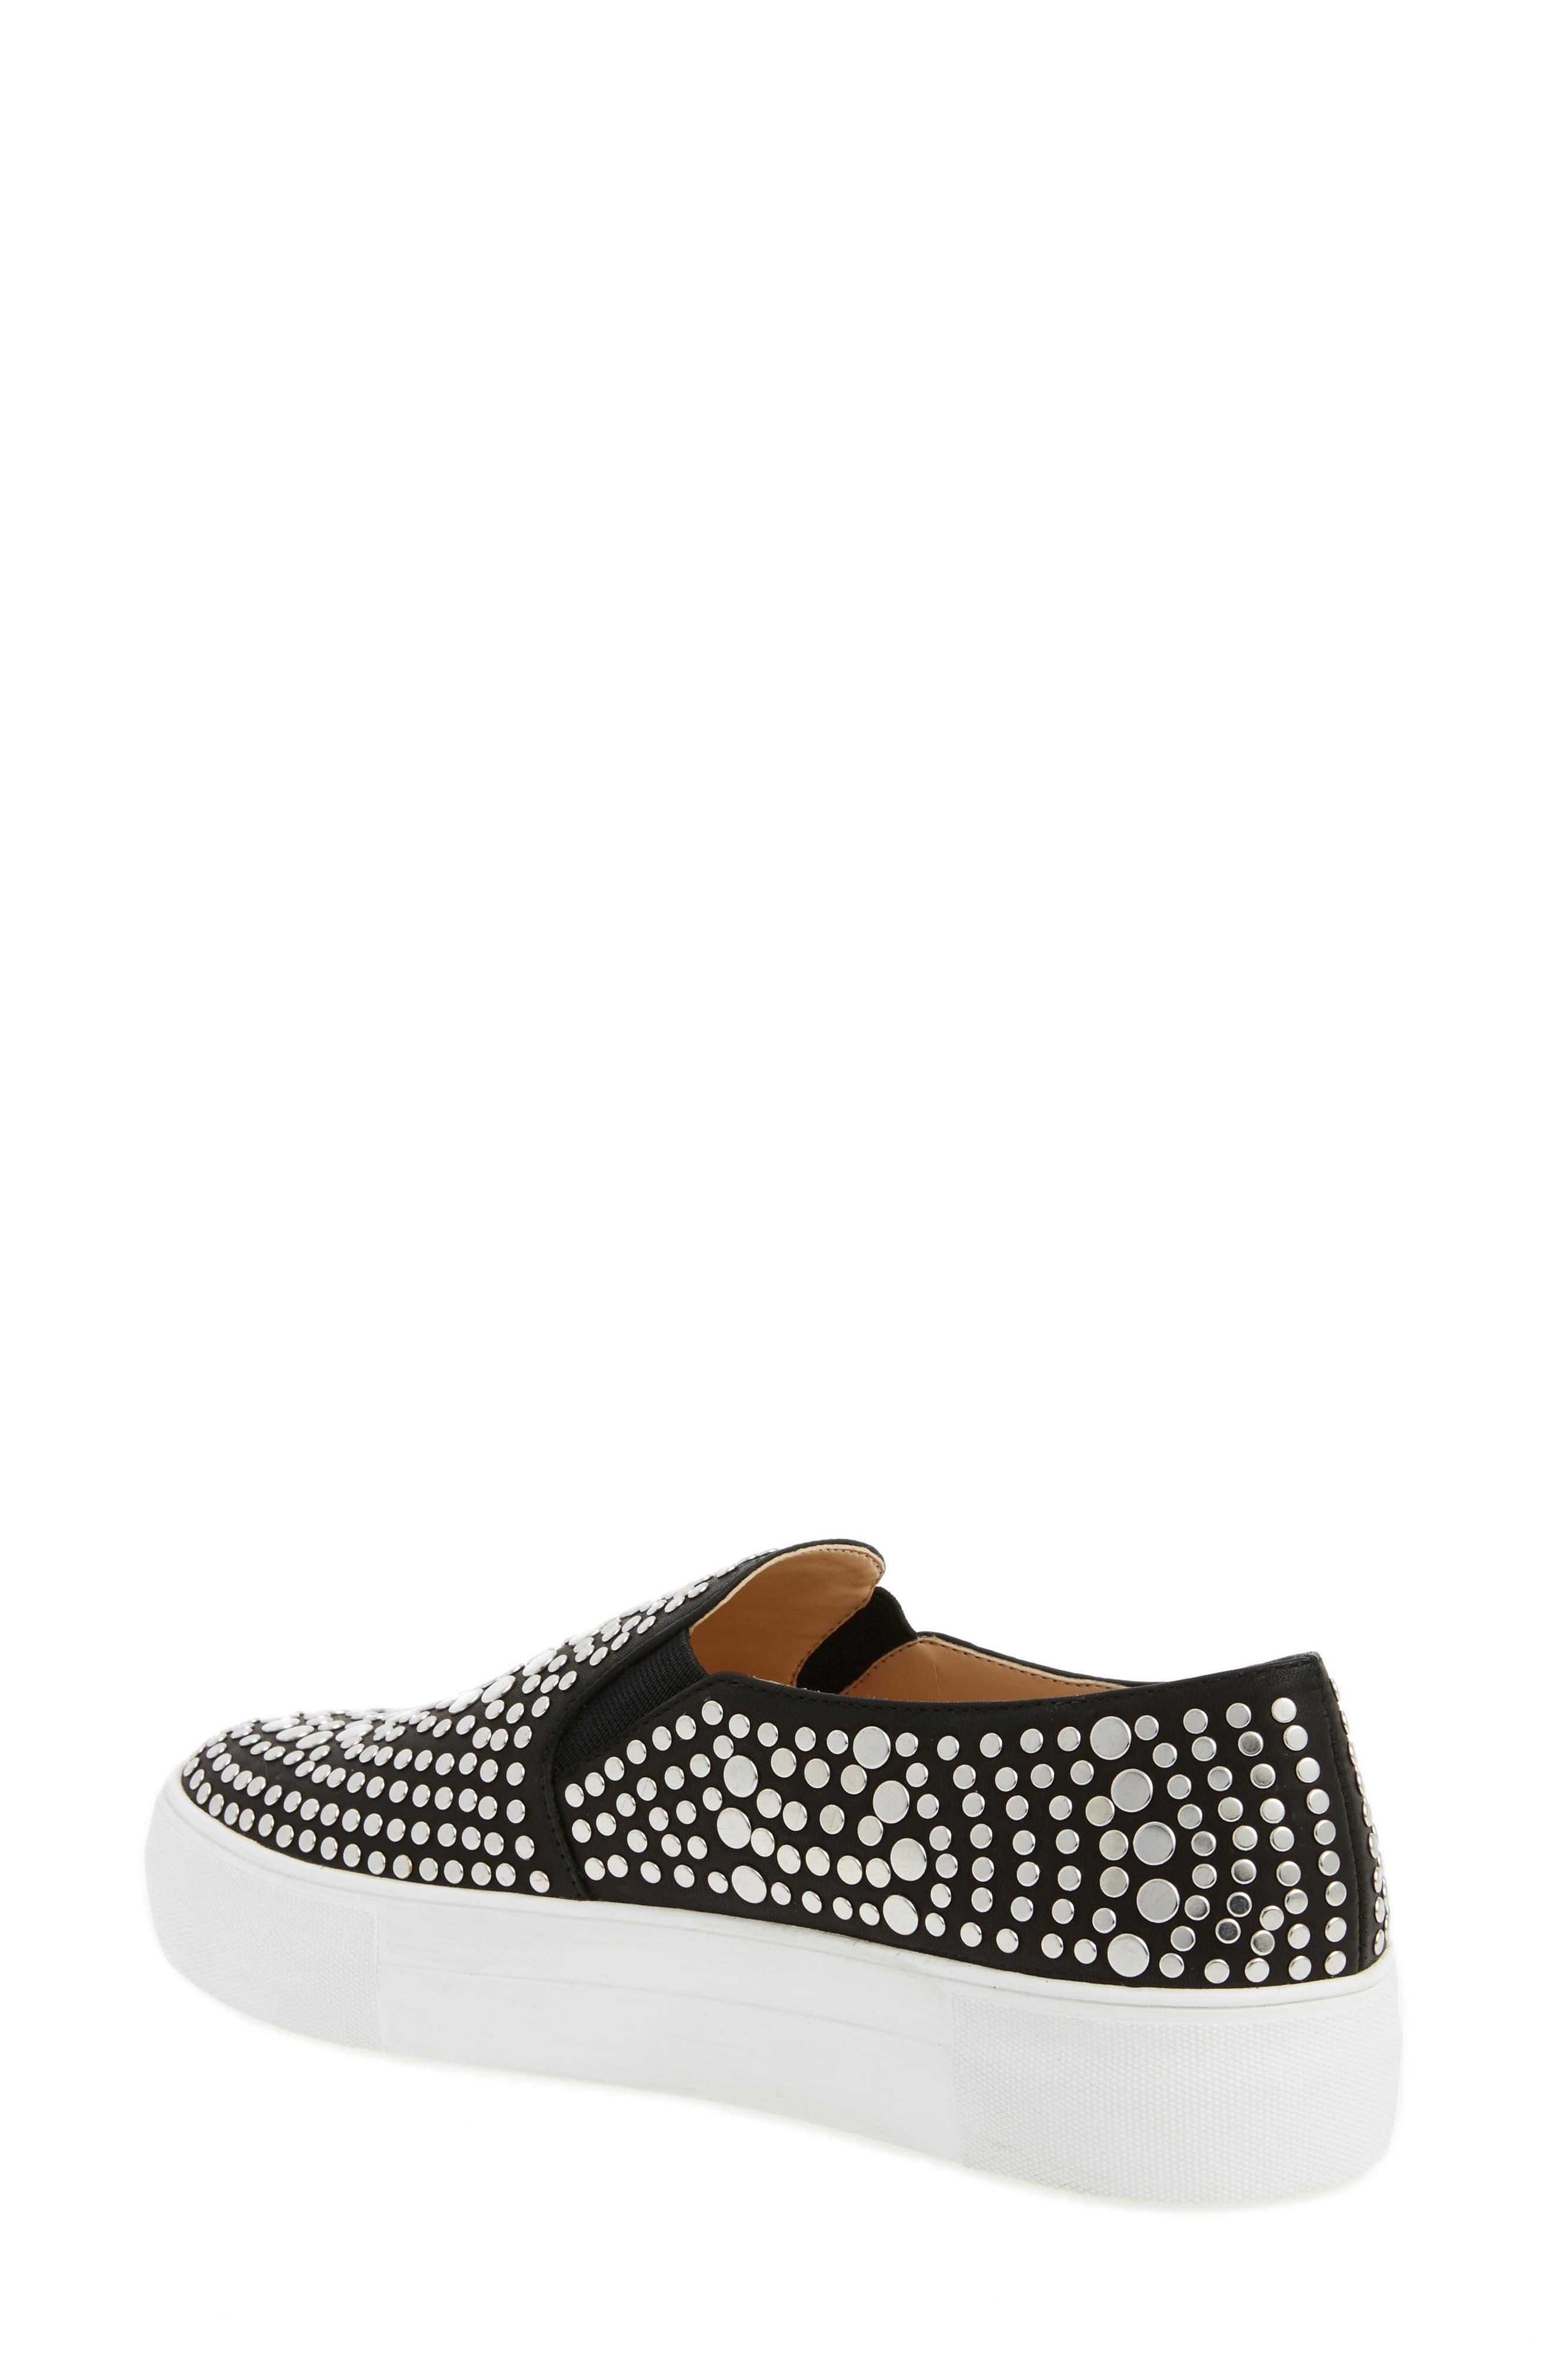 Alternate Image 2  - Vince Camuto Kindra Studded Slip-On Sneaker (Women)